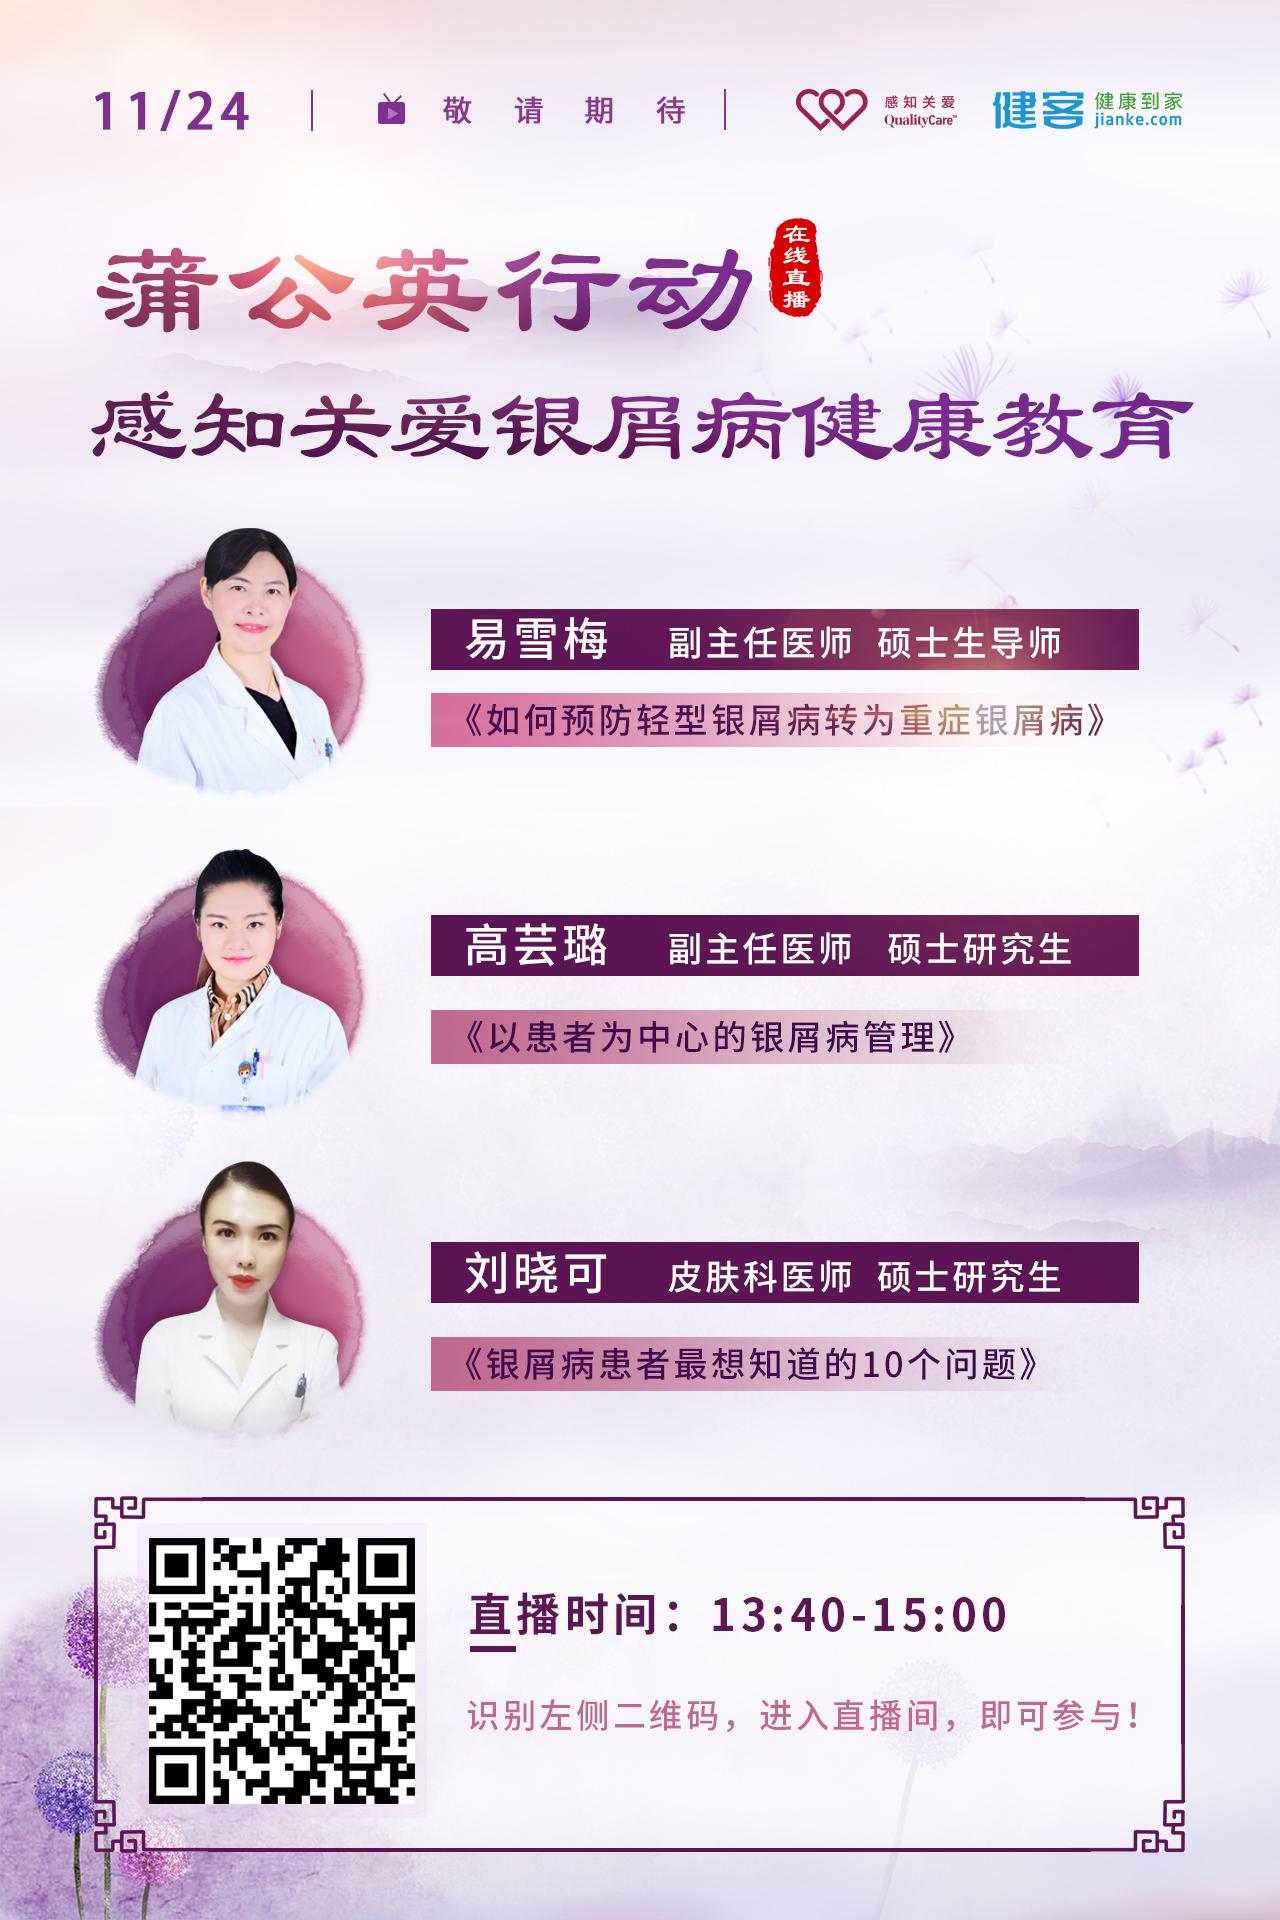 """11月24日直播 """"蒲公英行動""""感知關愛銀屑病健康教育"""